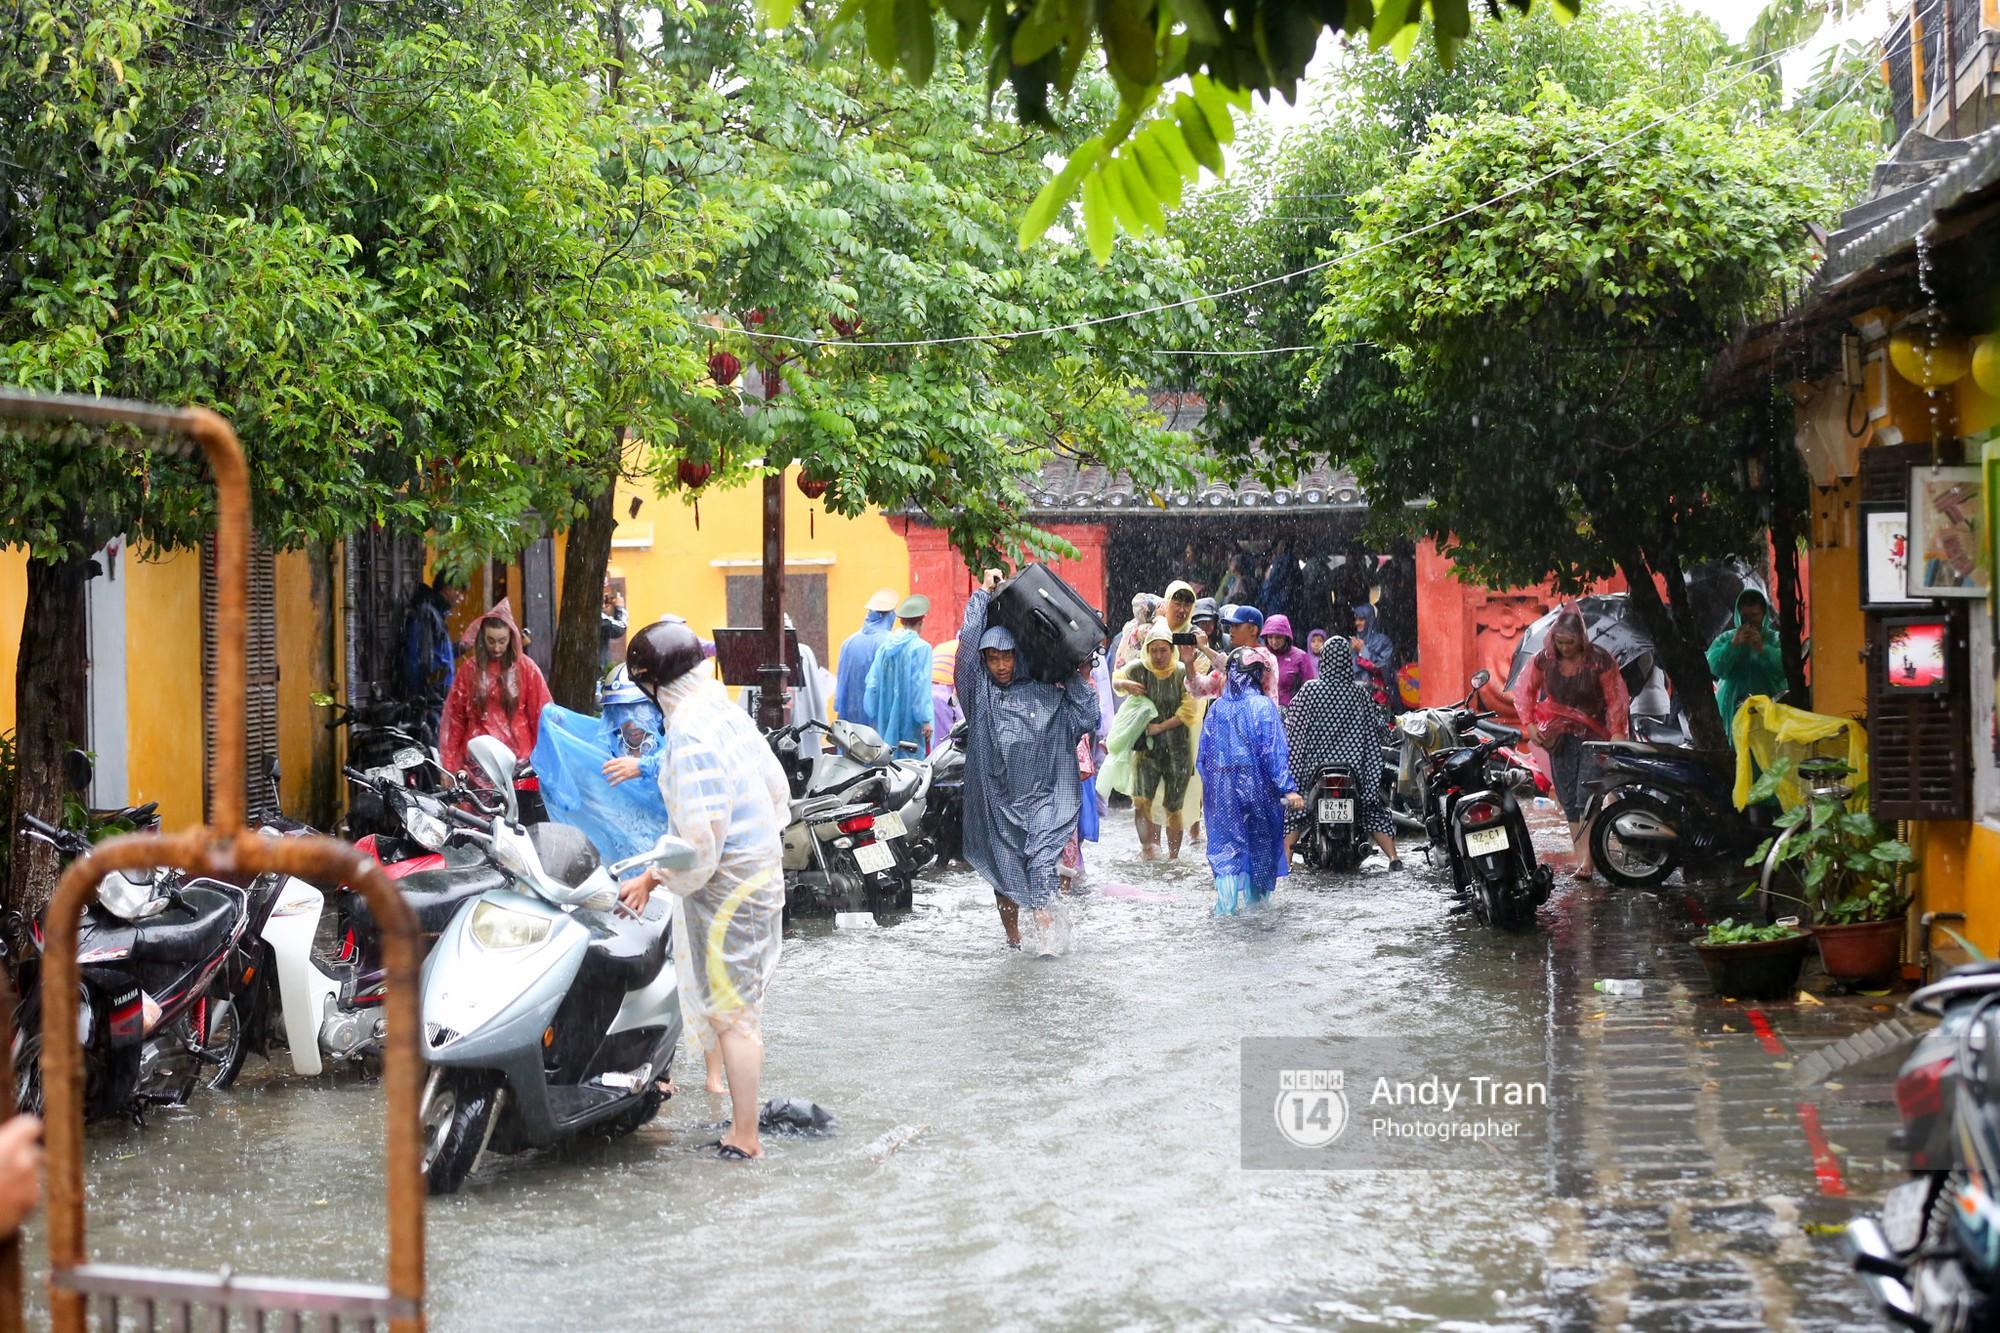 Chùm ảnh: Hội An nước ngập thành sông do ảnh hưởng của bão, người dân và du khách chật vật dùng thuyền bè di chuyển - Ảnh 19.